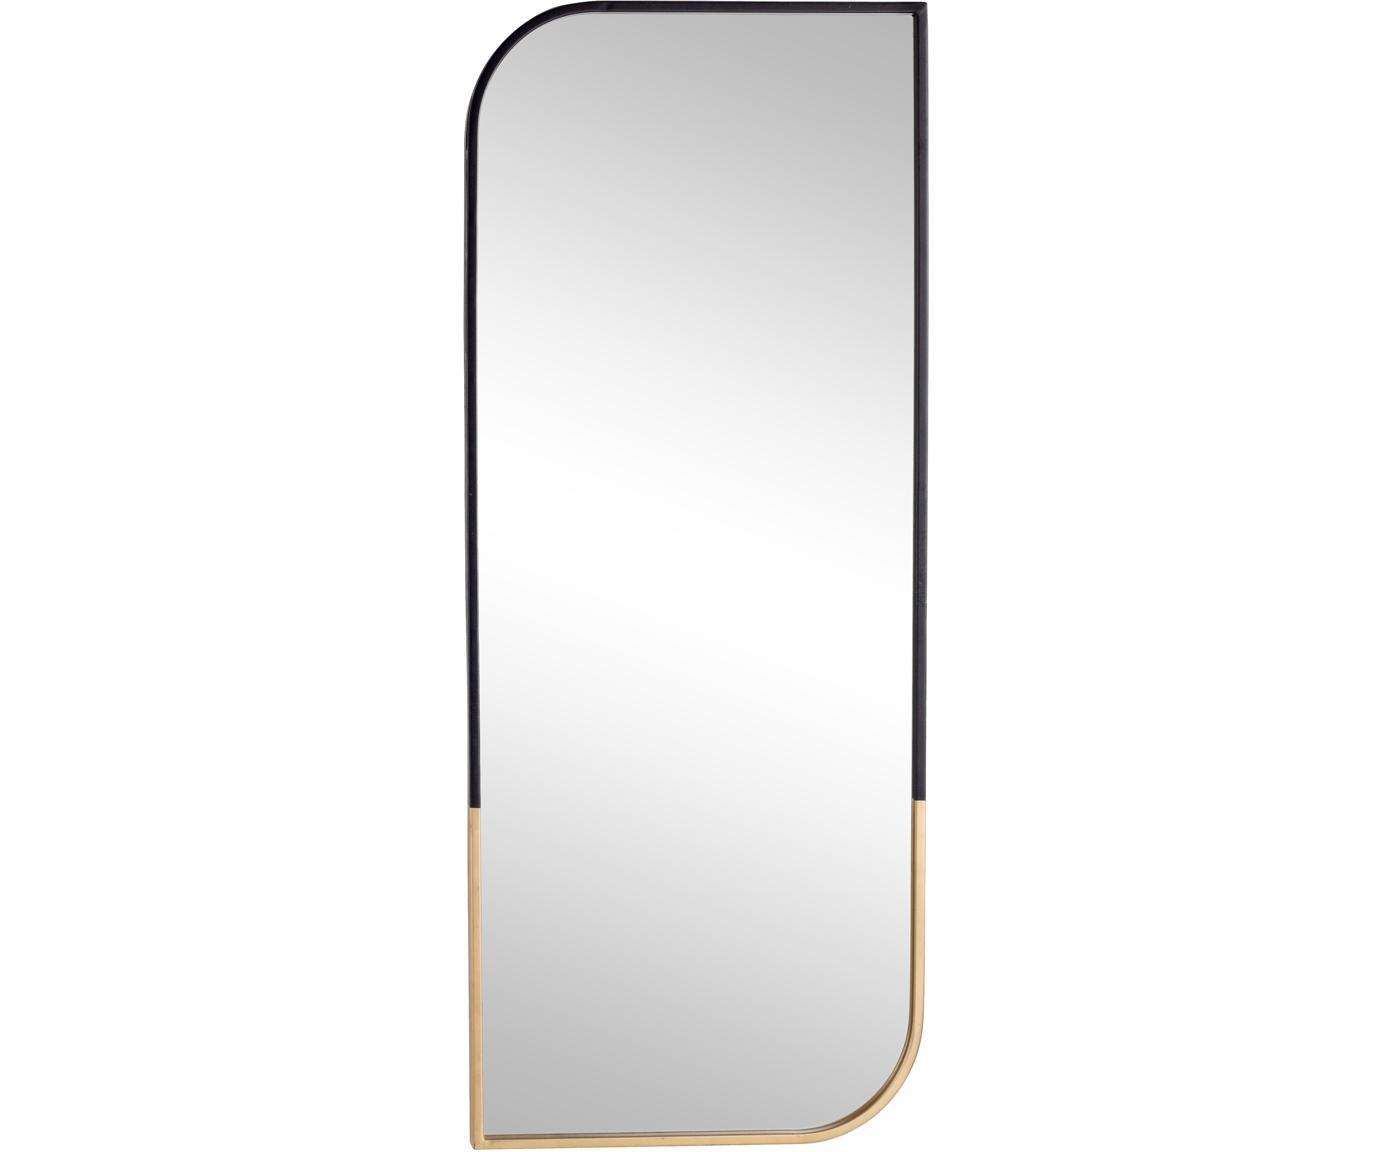 Wandspiegel Reflix mit schwarzem Holzrahmen, Rahmen: Metall, beschichtet, Spiegelfläche: Spiegelglas, Schwarz, Goldfarben, 41 x 100 cm